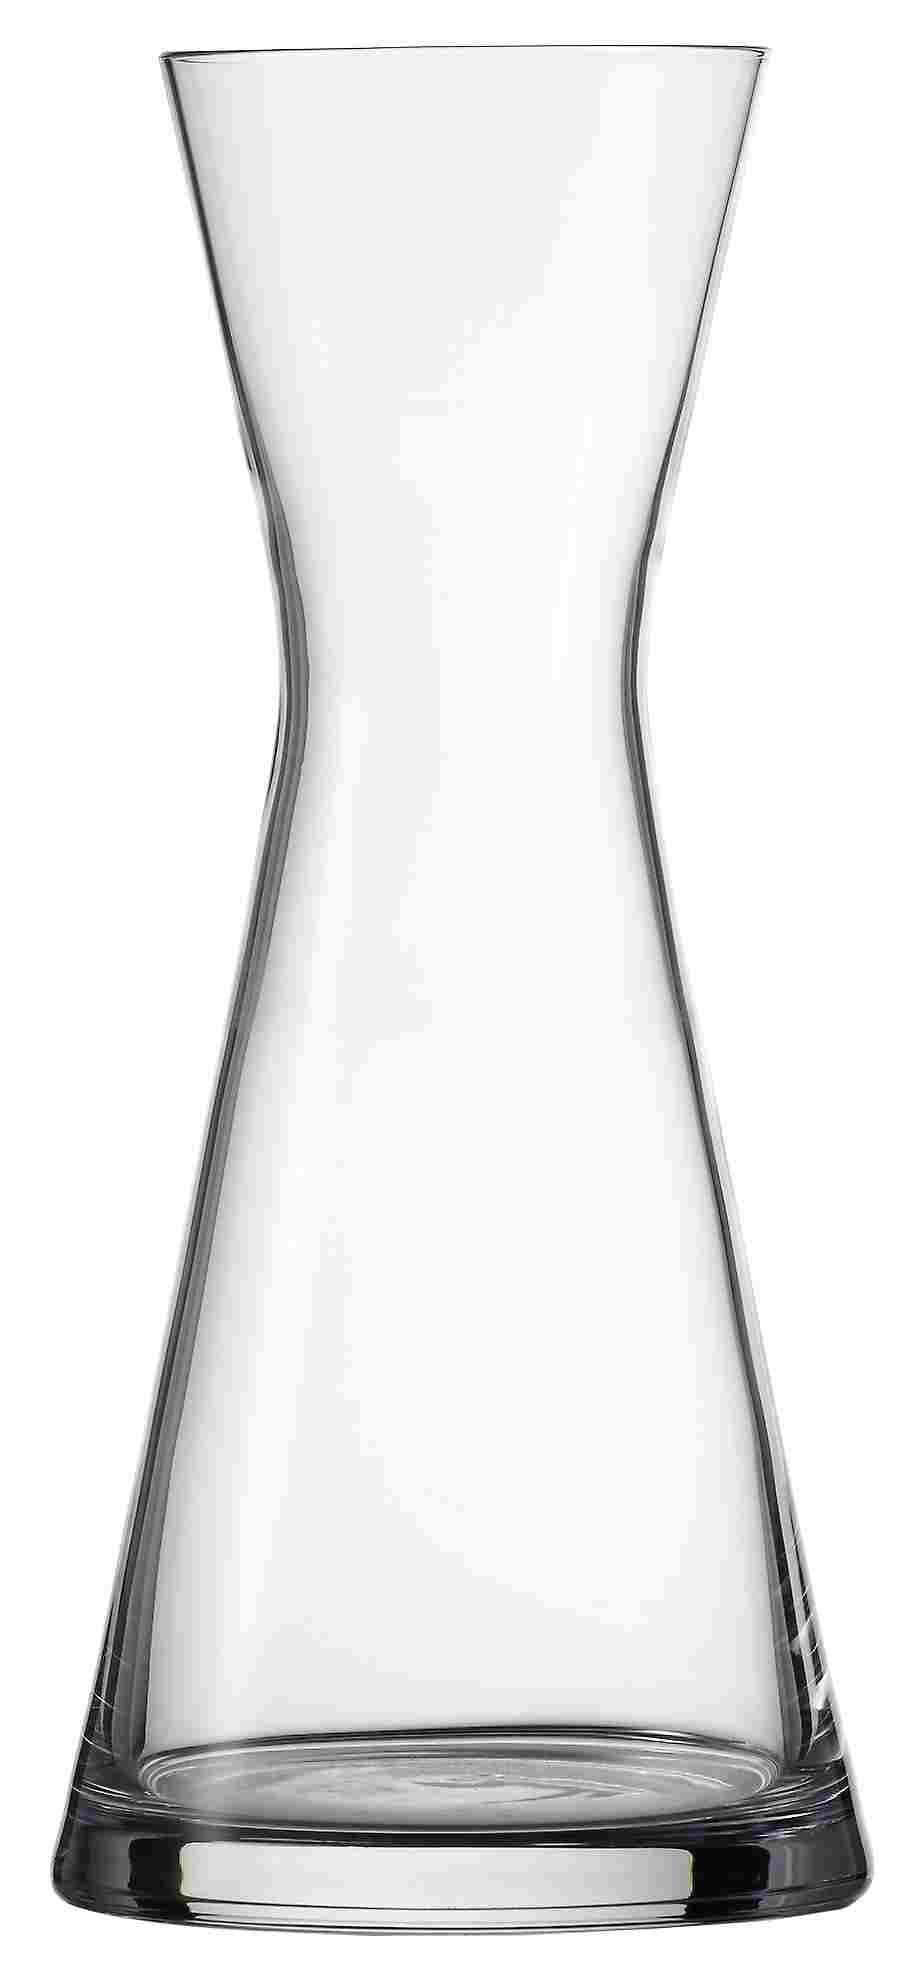 Dekanter 0,5 L - Klar, Basics, Glas (10/26cm) - SCHOTT ZWIESEL